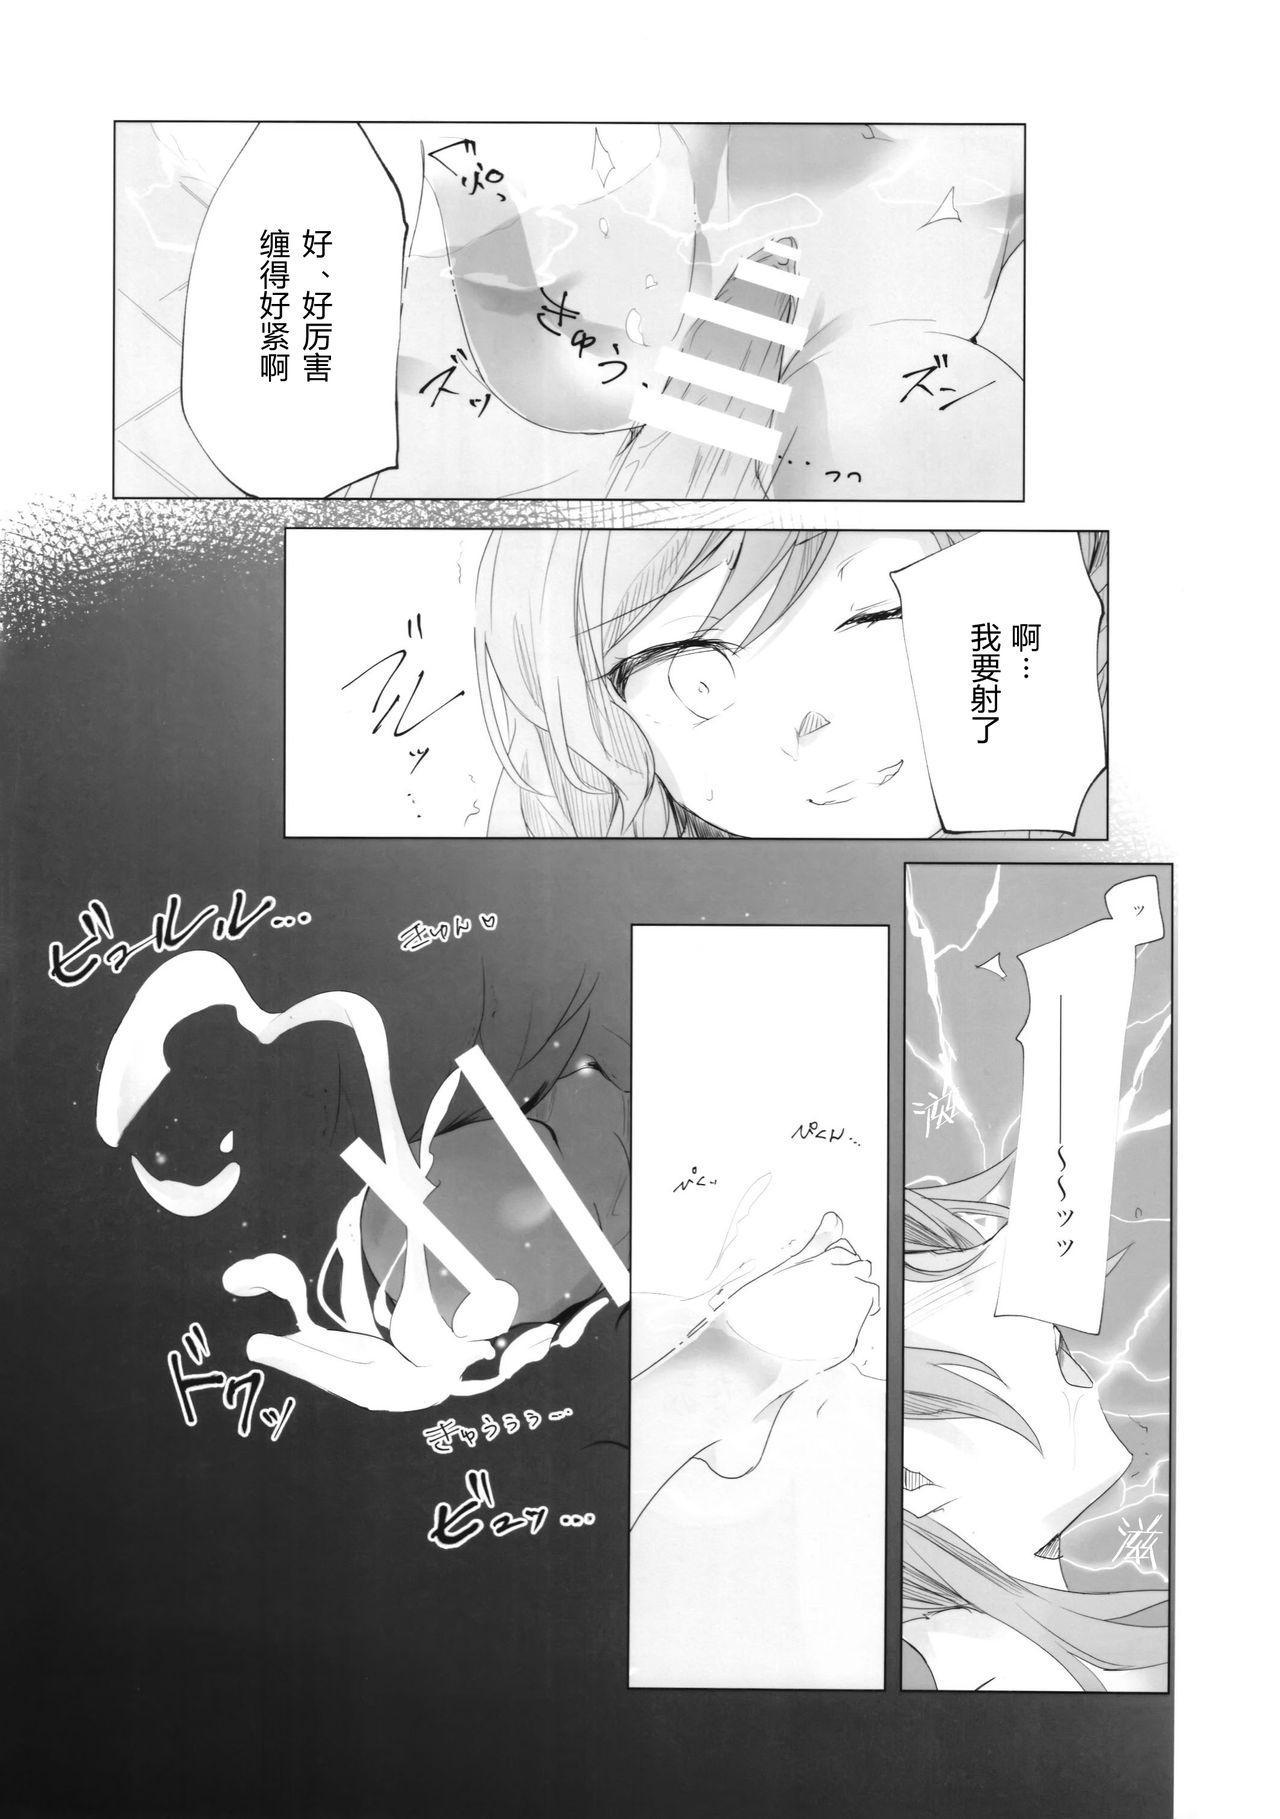 氷川姉妹18禁合同「今日は一緒に寝てもいい?」 47